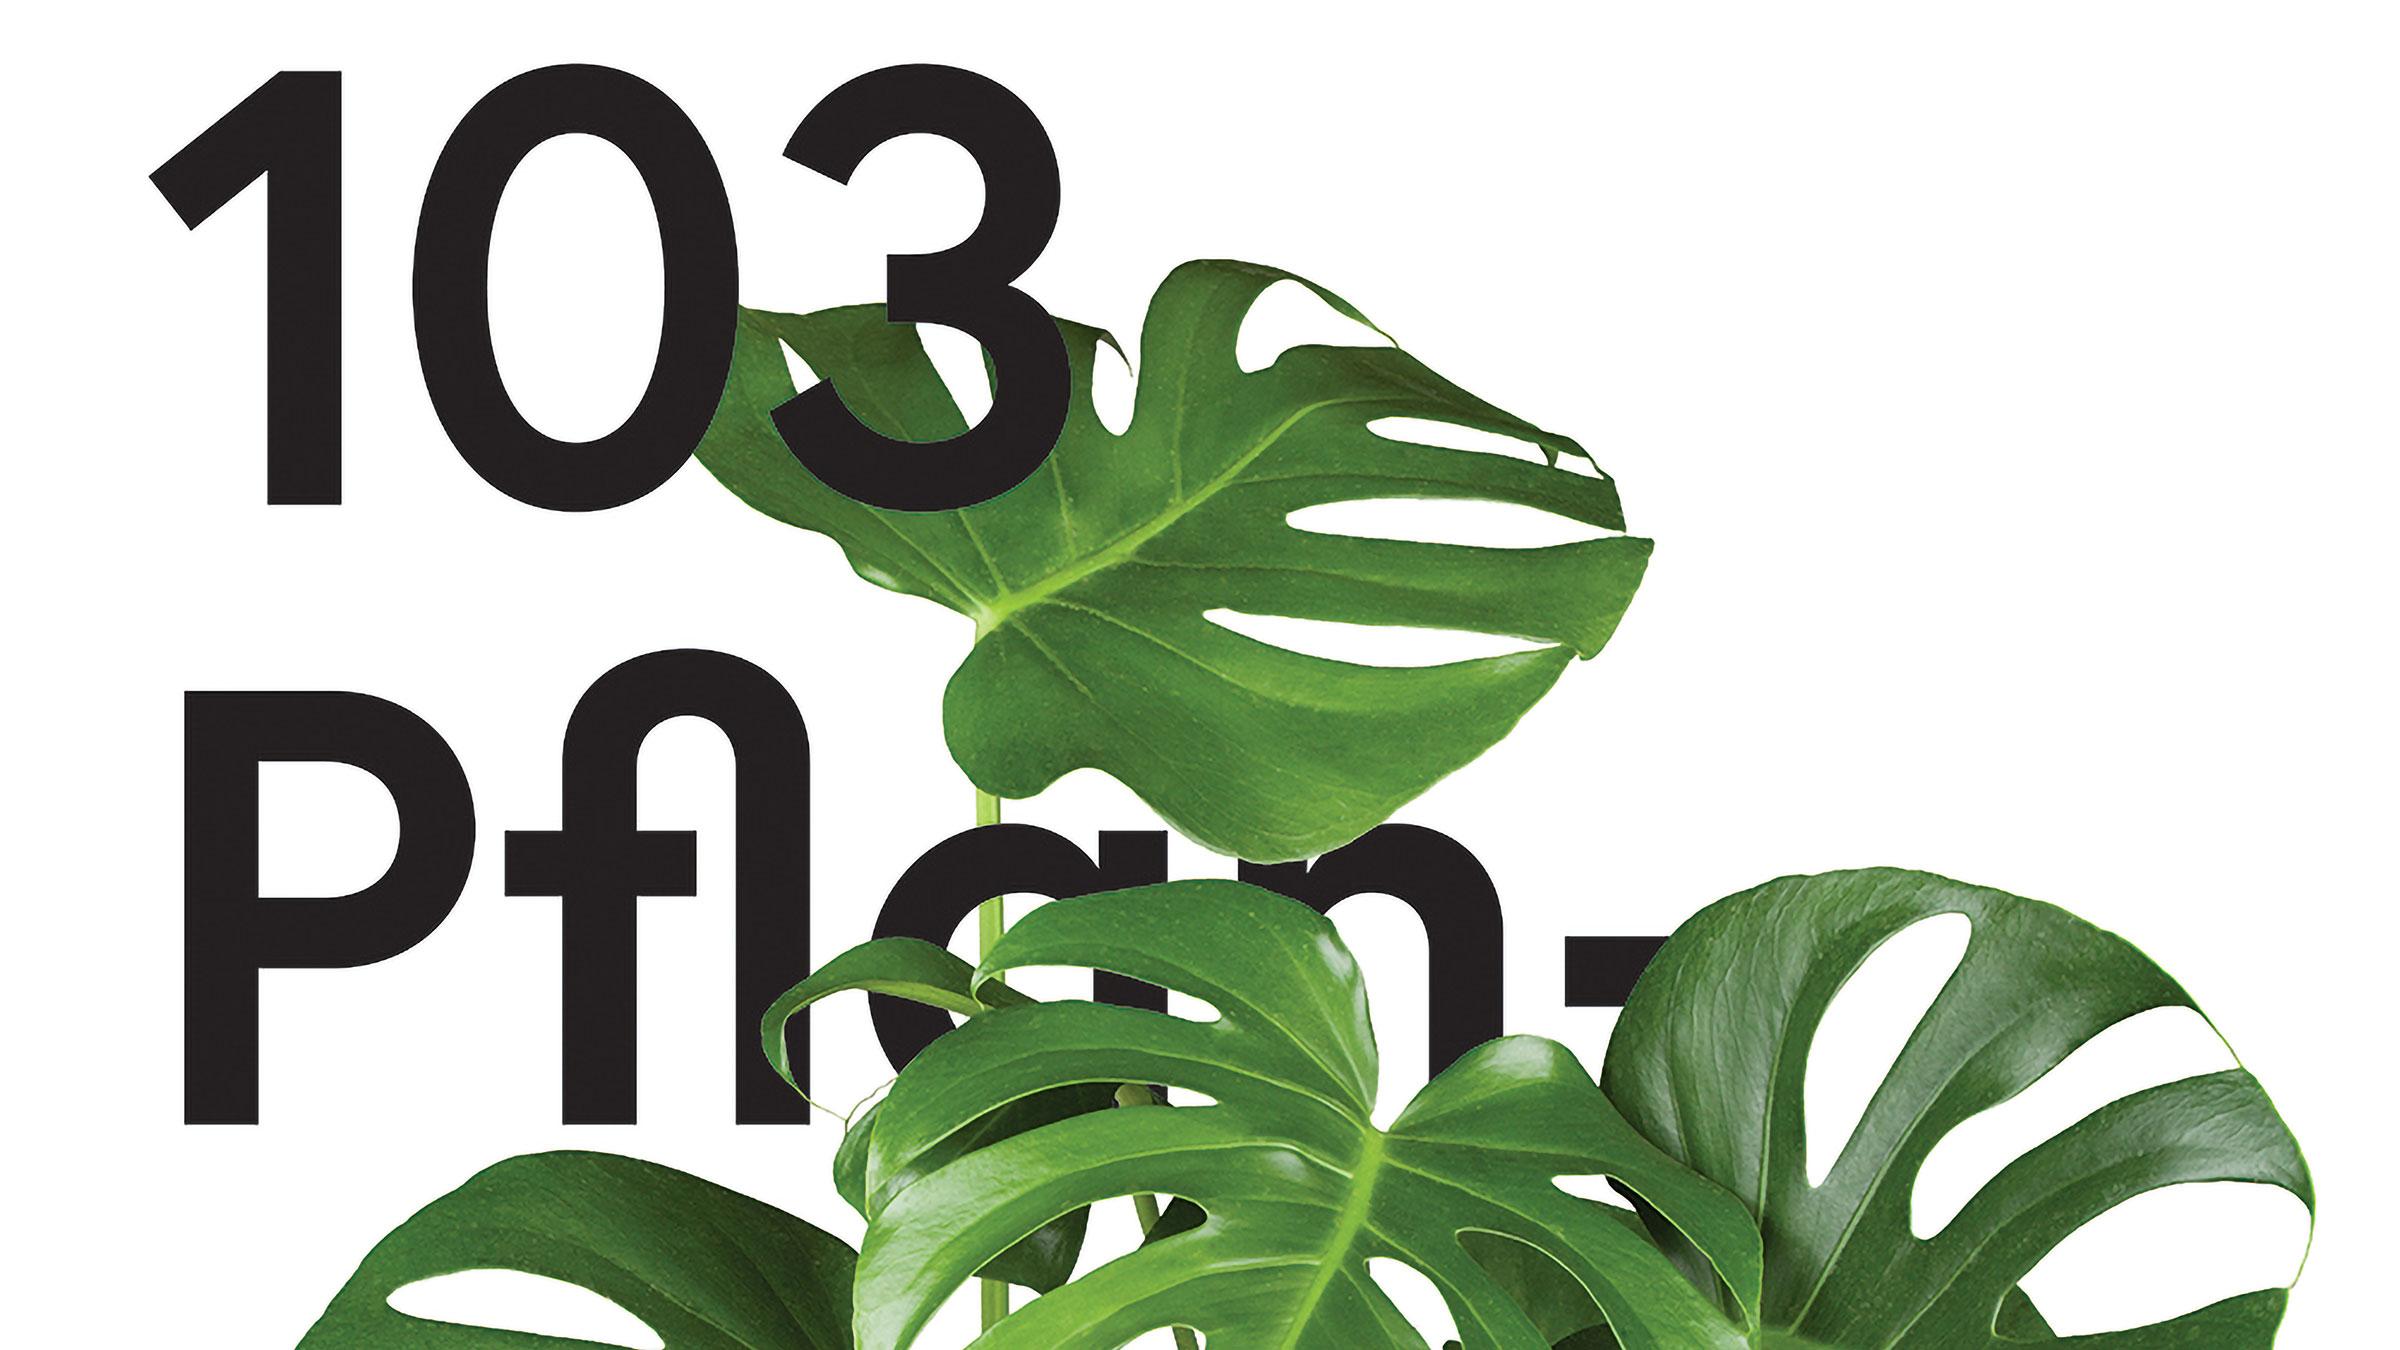 pflanze-text-2400-wo